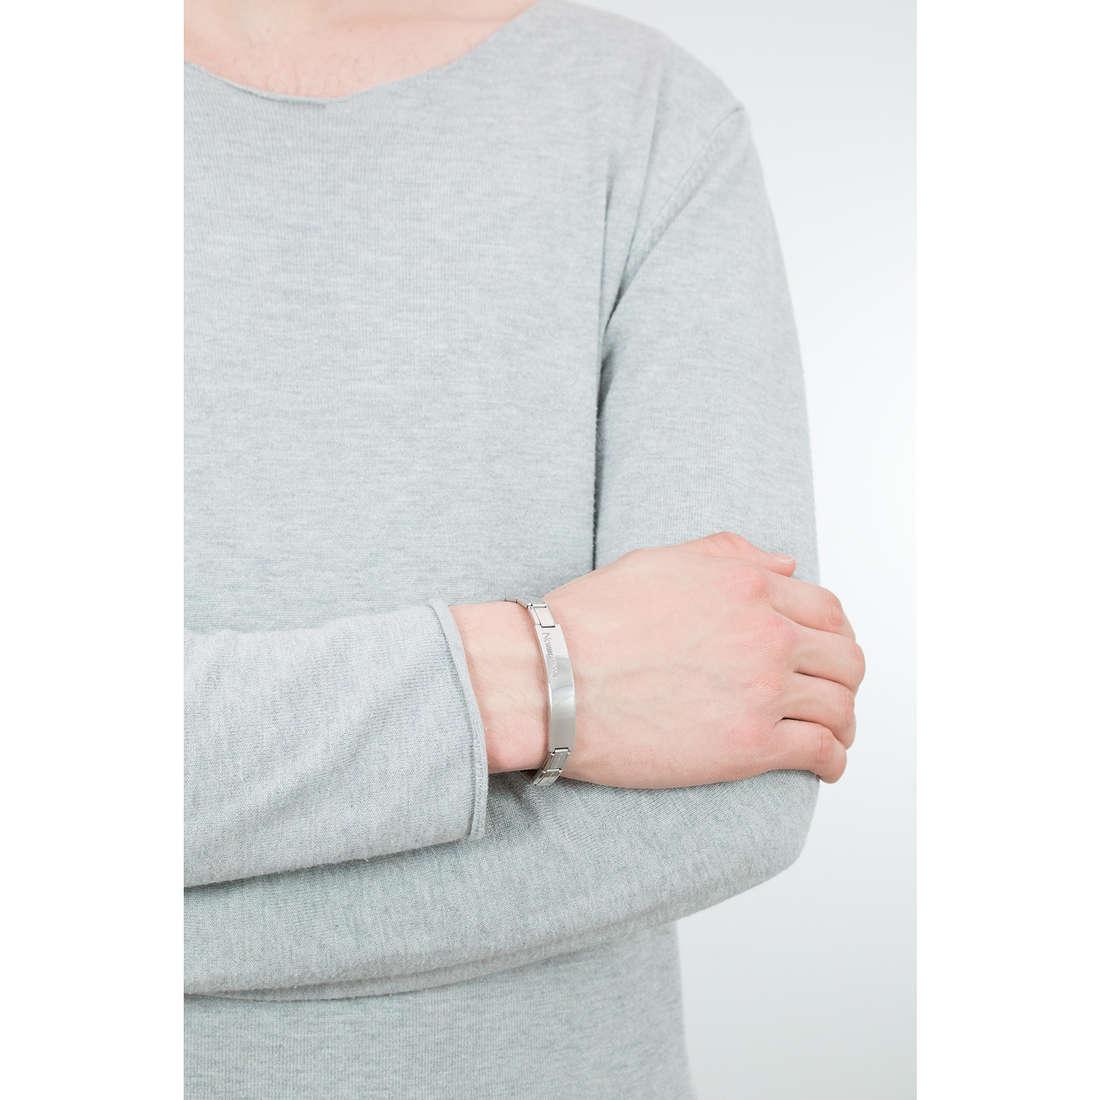 Nomination bracelets Trendsetter homme 021106/004 indosso